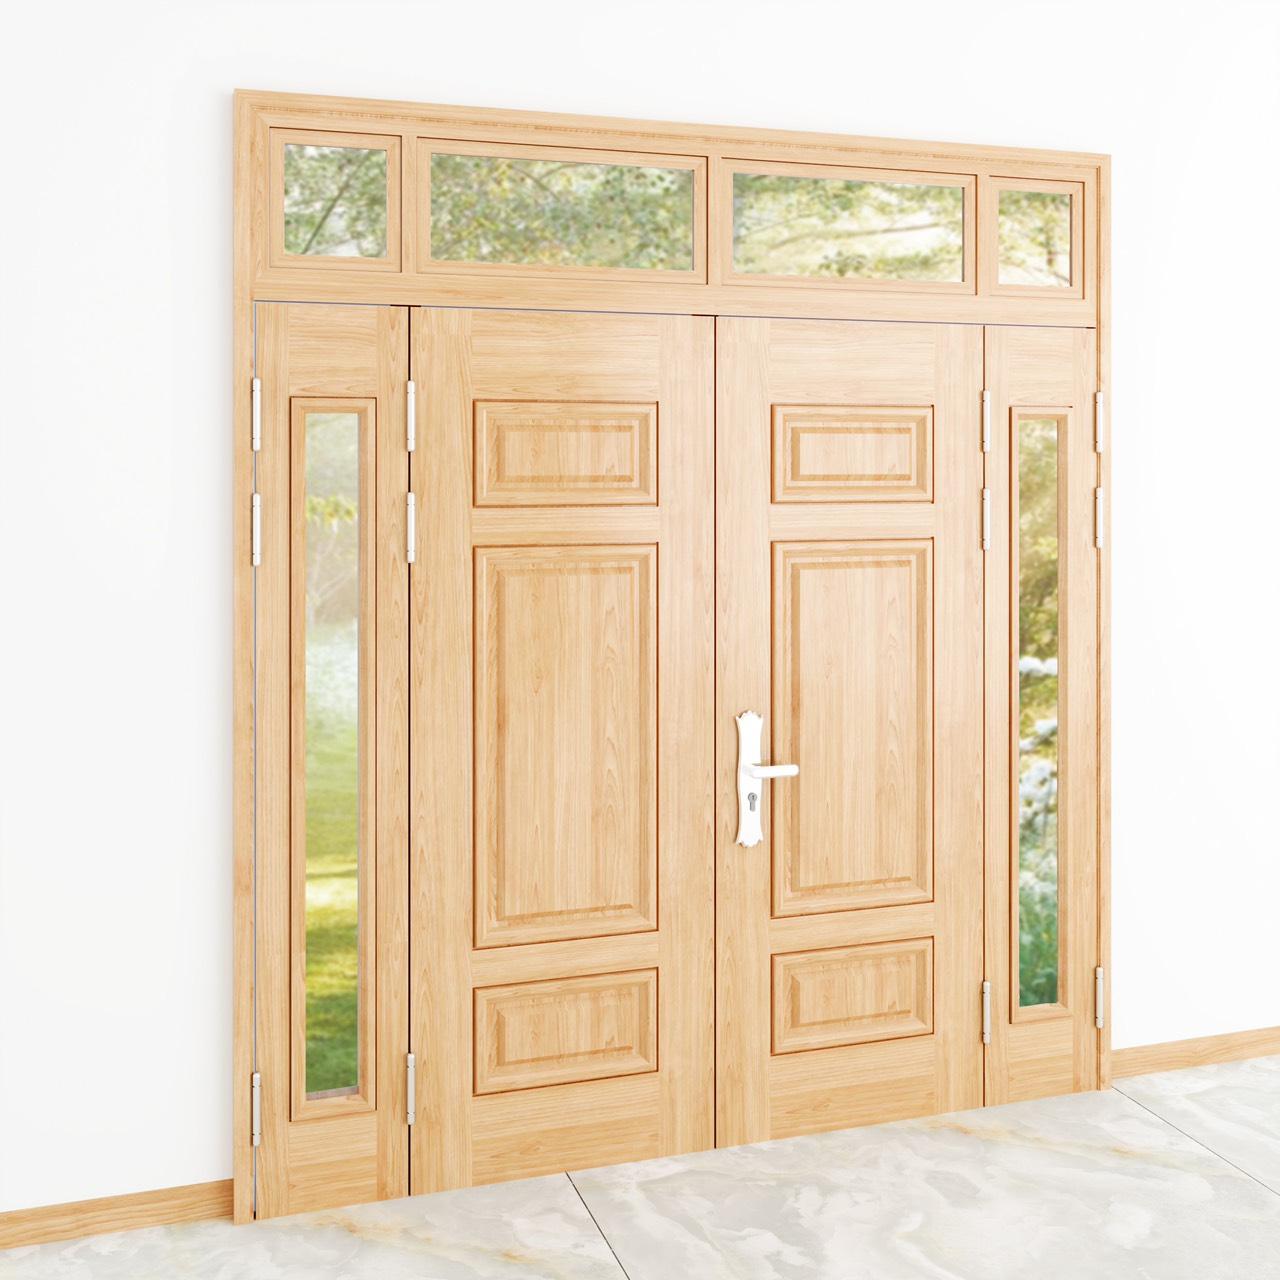 Kích thước cửa thép vân gỗ 4 cánh là bao nhiêu?